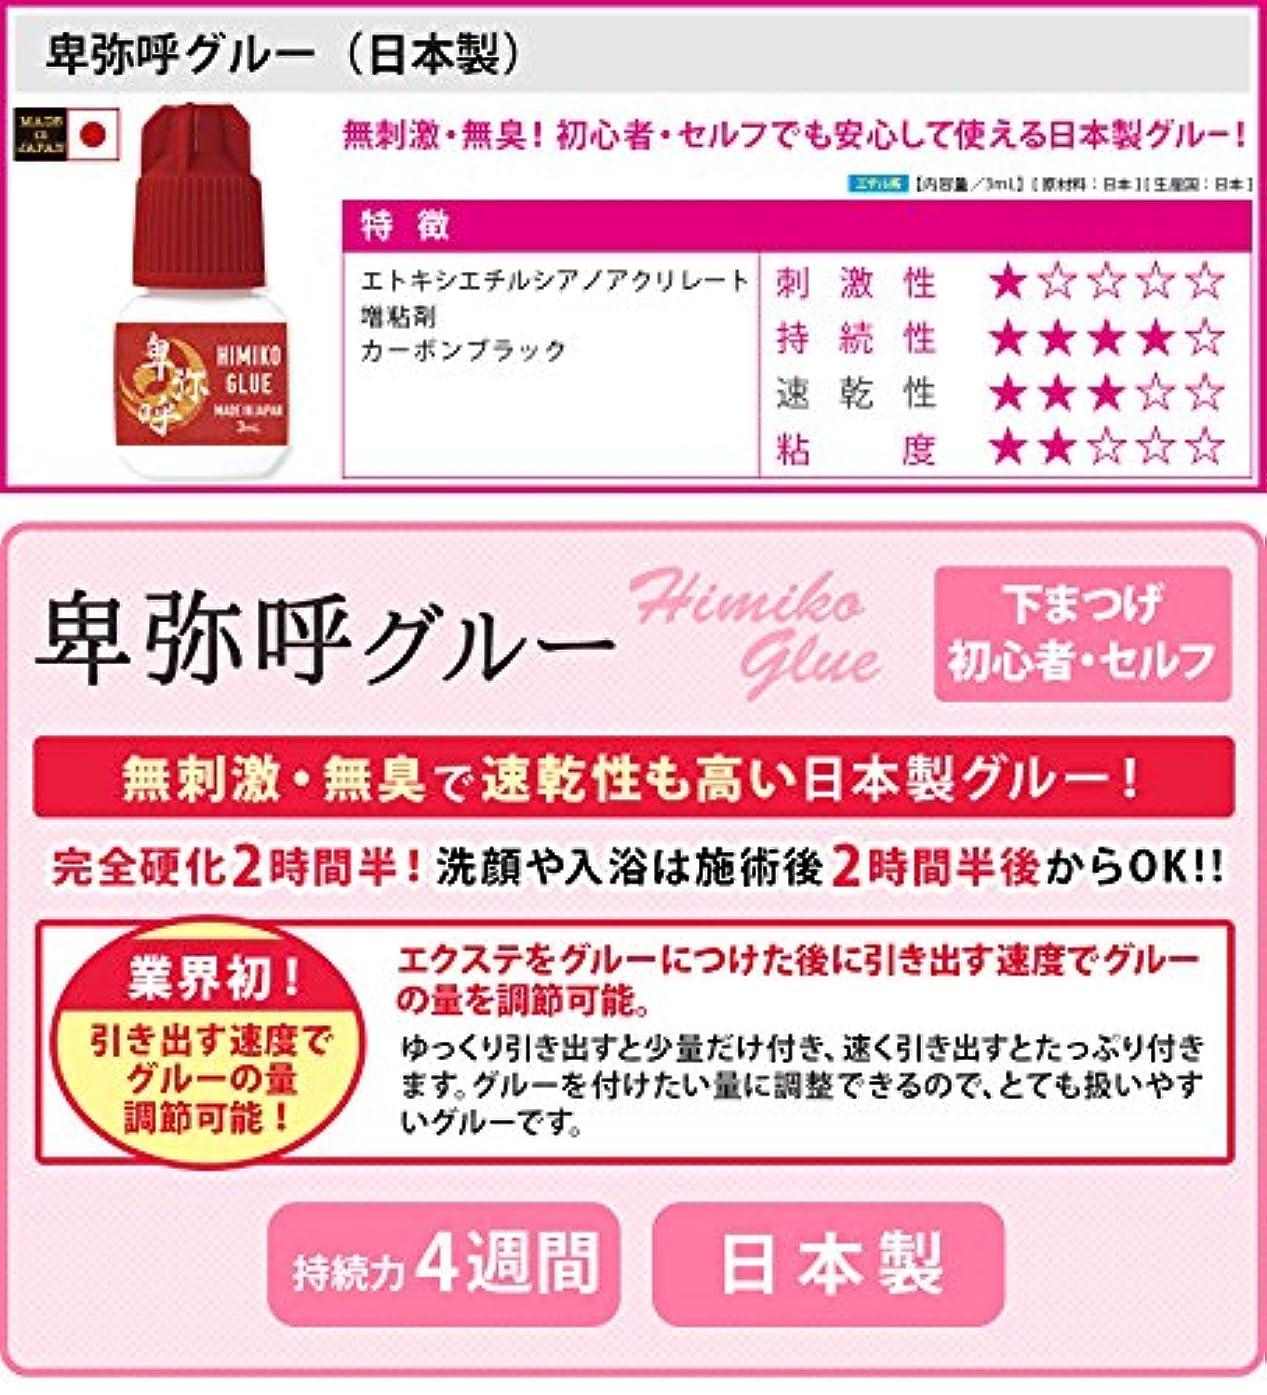 避難するクリップ成熟日本製 卑弥呼グルー 無刺激 無臭 グルー 接着剤 JewelVOX(ジュエルボックス)